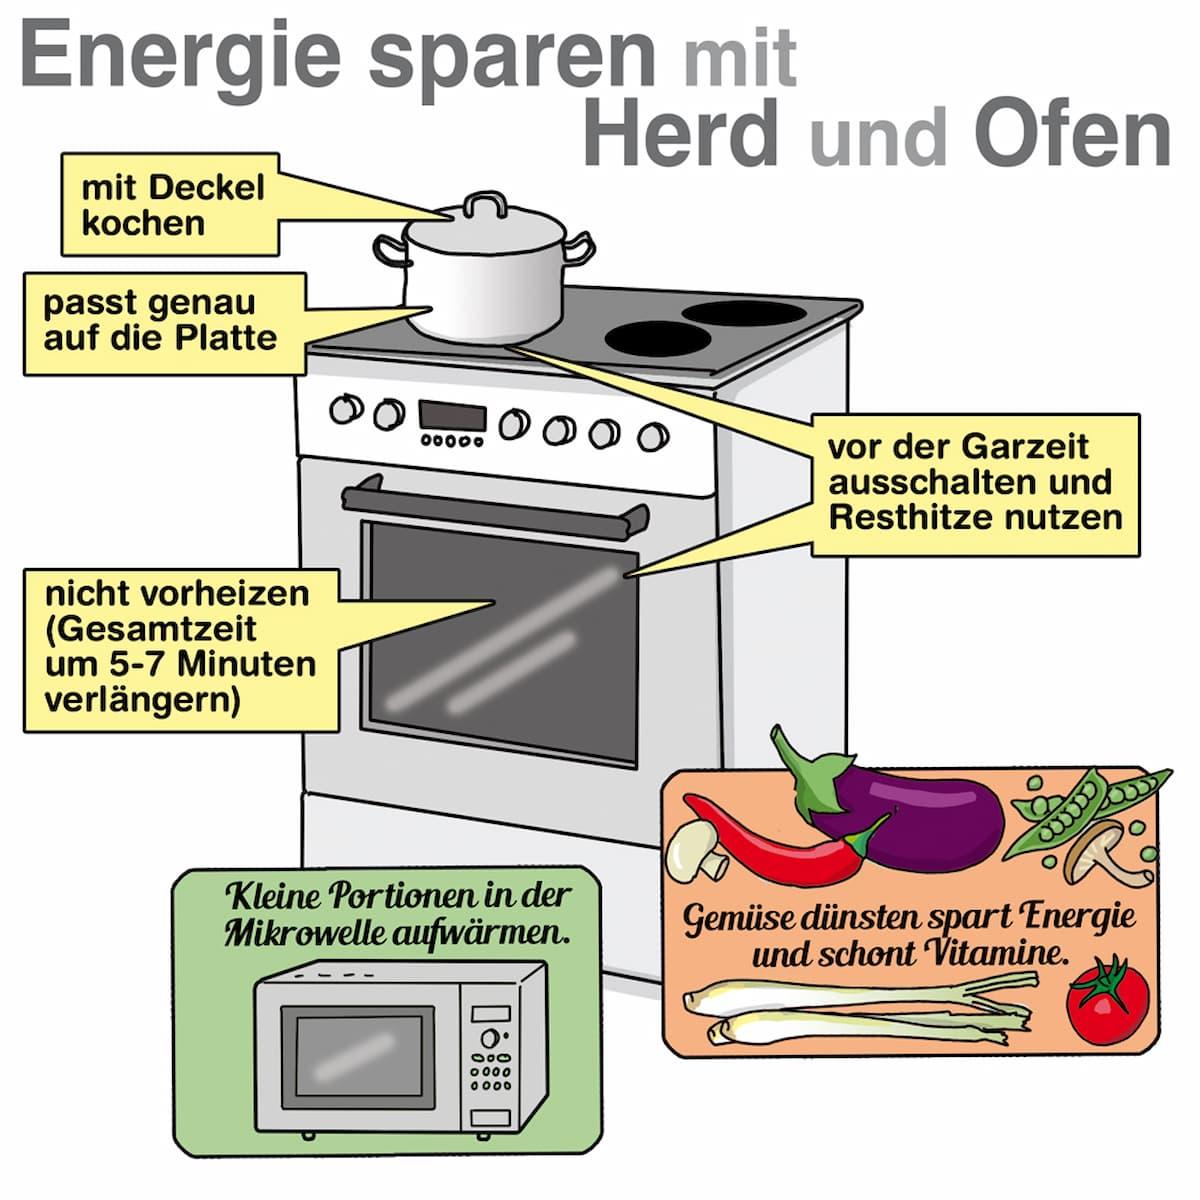 Energie sparen mit Herd und Ofen